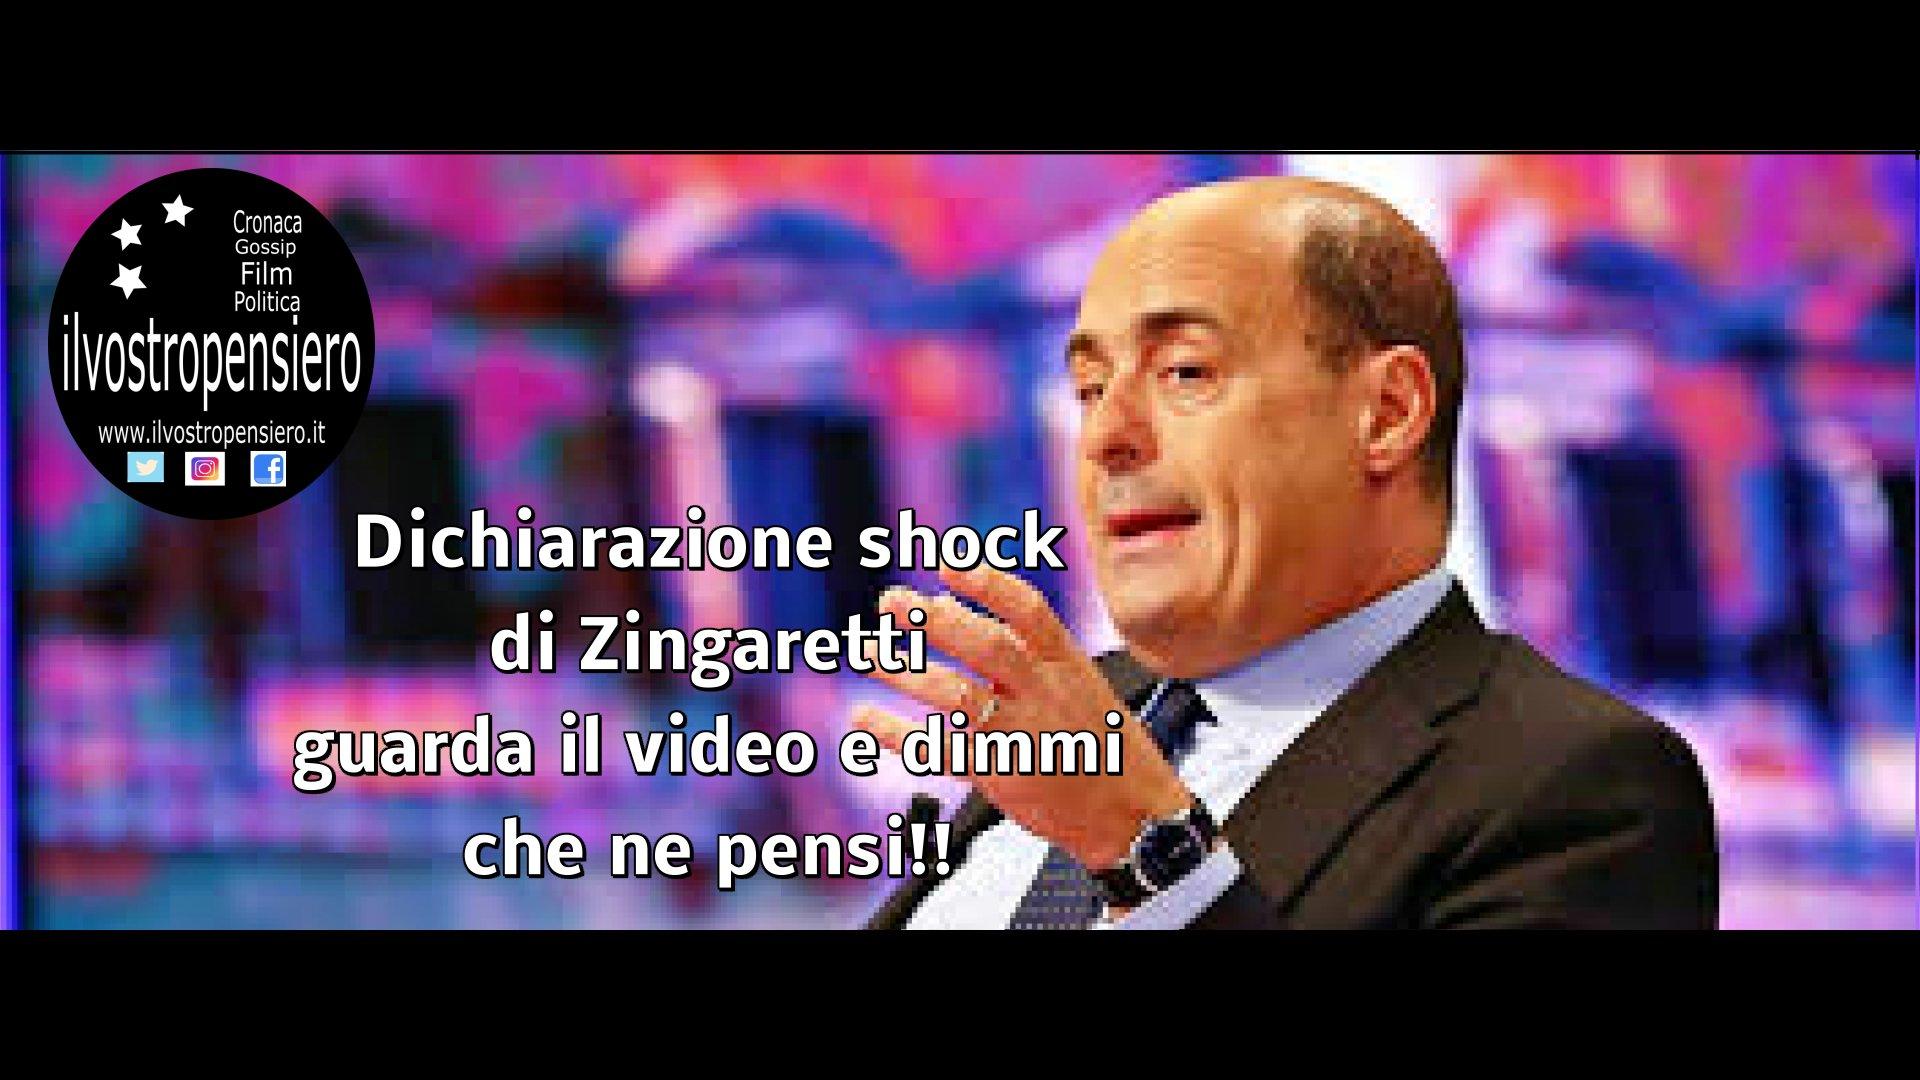 Per Zingaretti i Parlamentari non guadagno molto,guarda il video